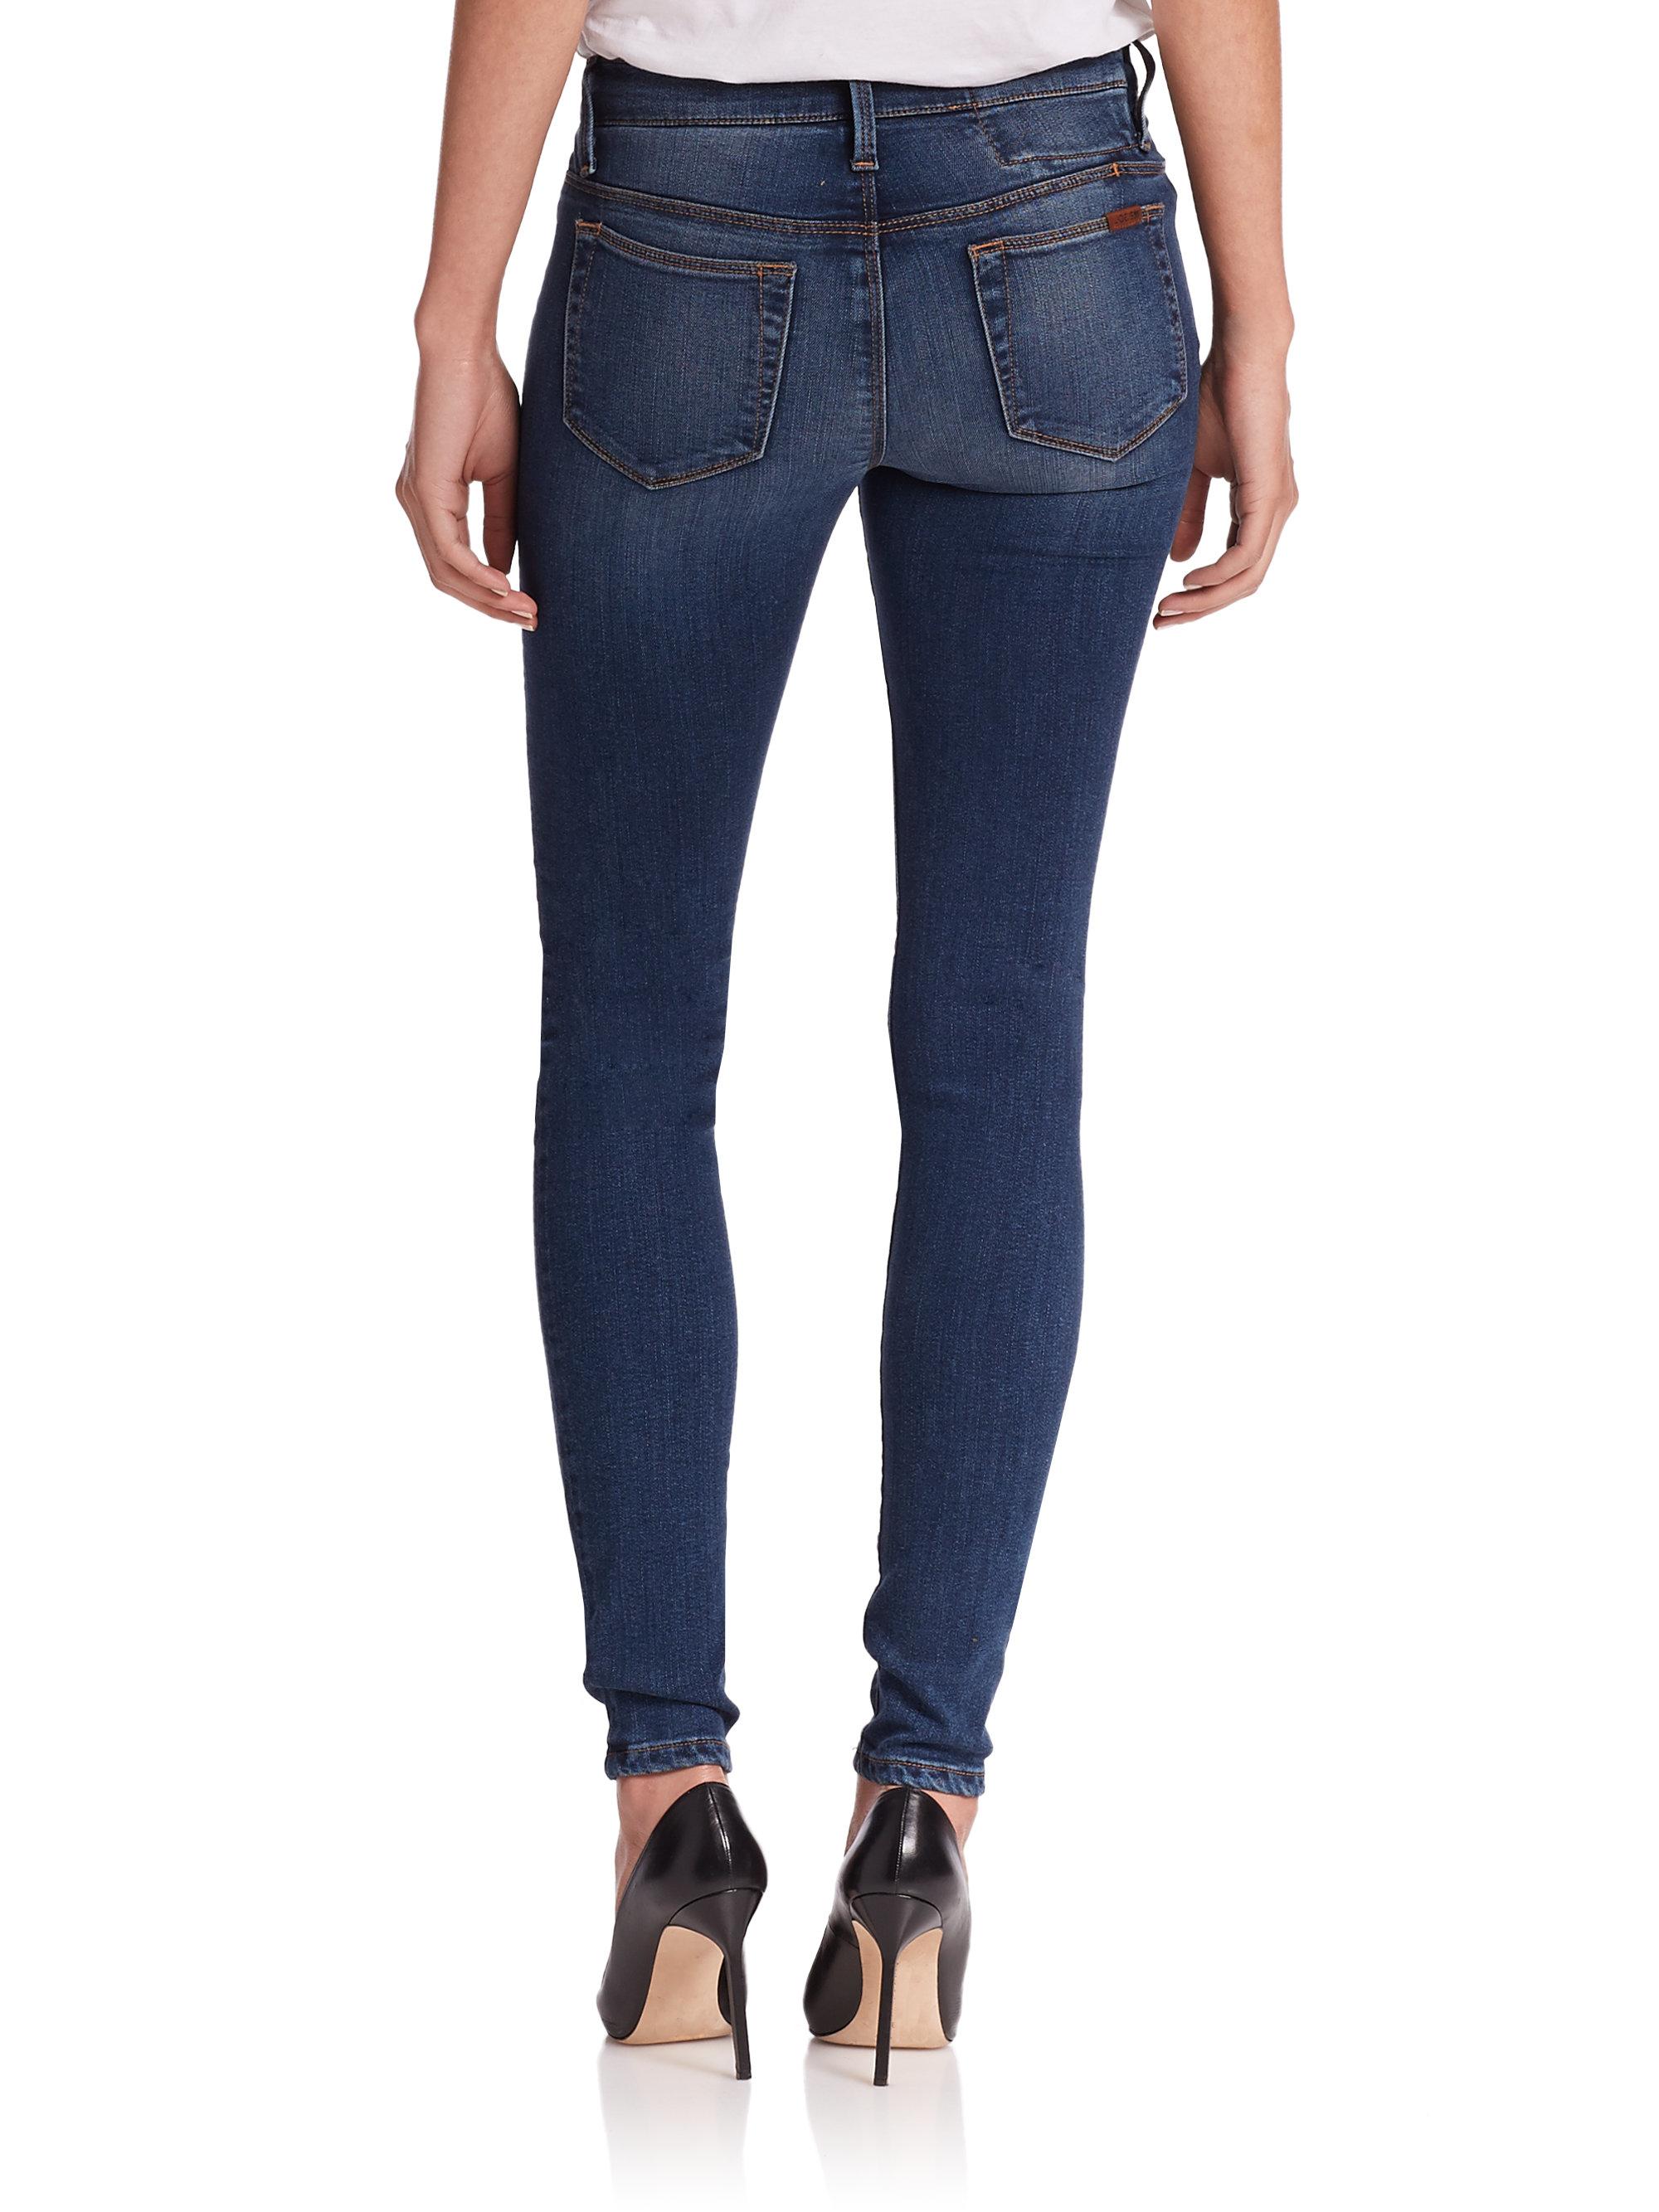 Joe&39s jeans Hello Skinny Jeans in Blue (medium blue) | Lyst